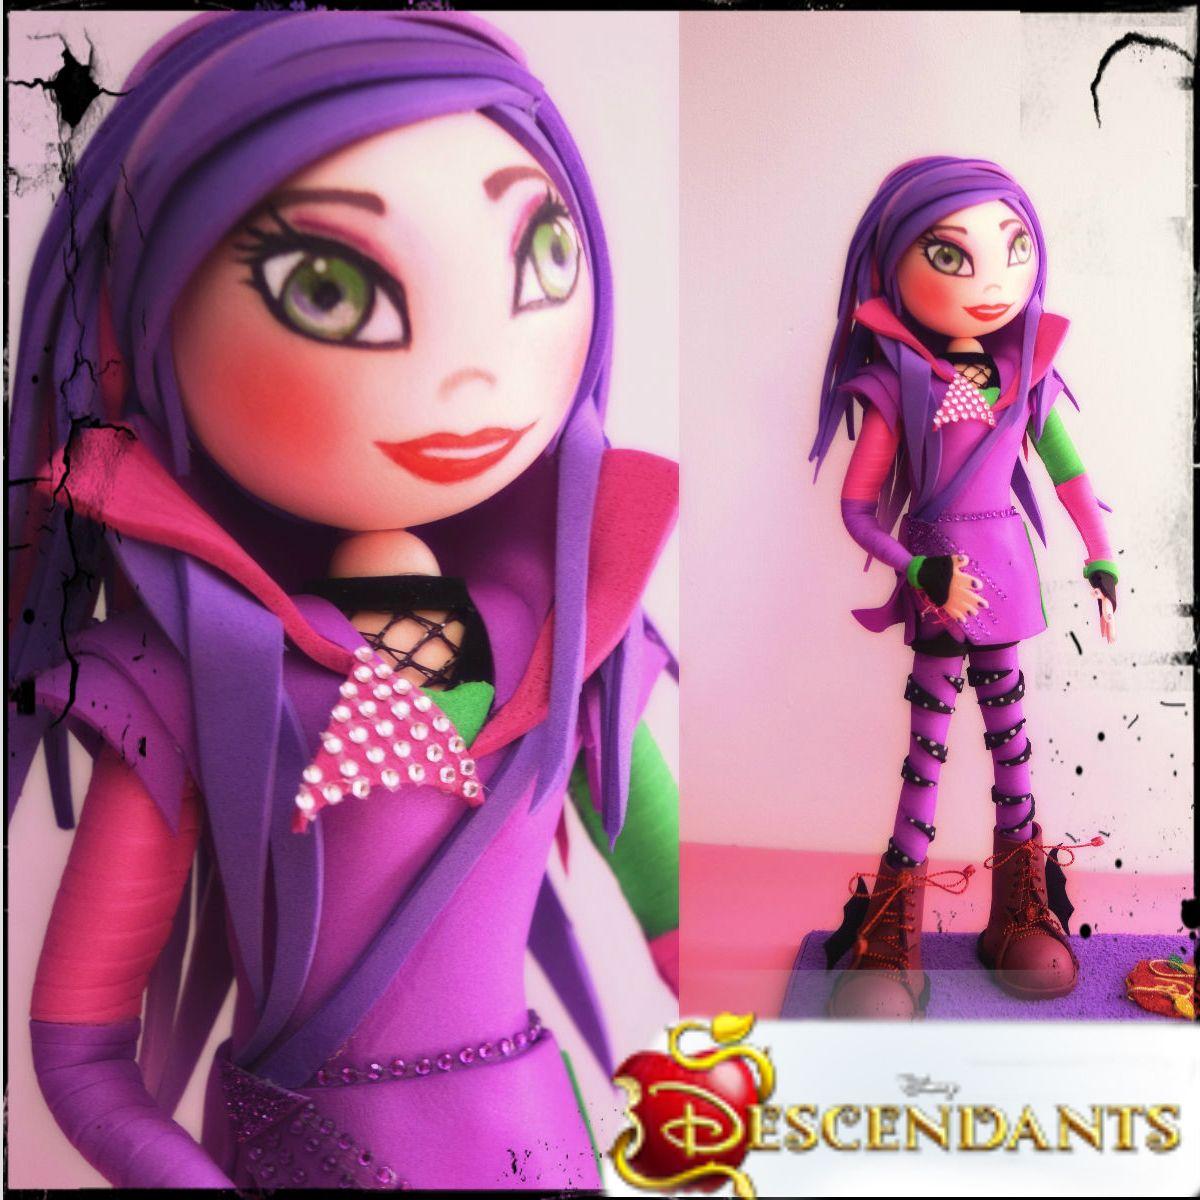 Mal, personaje animado de Los  Descendientes